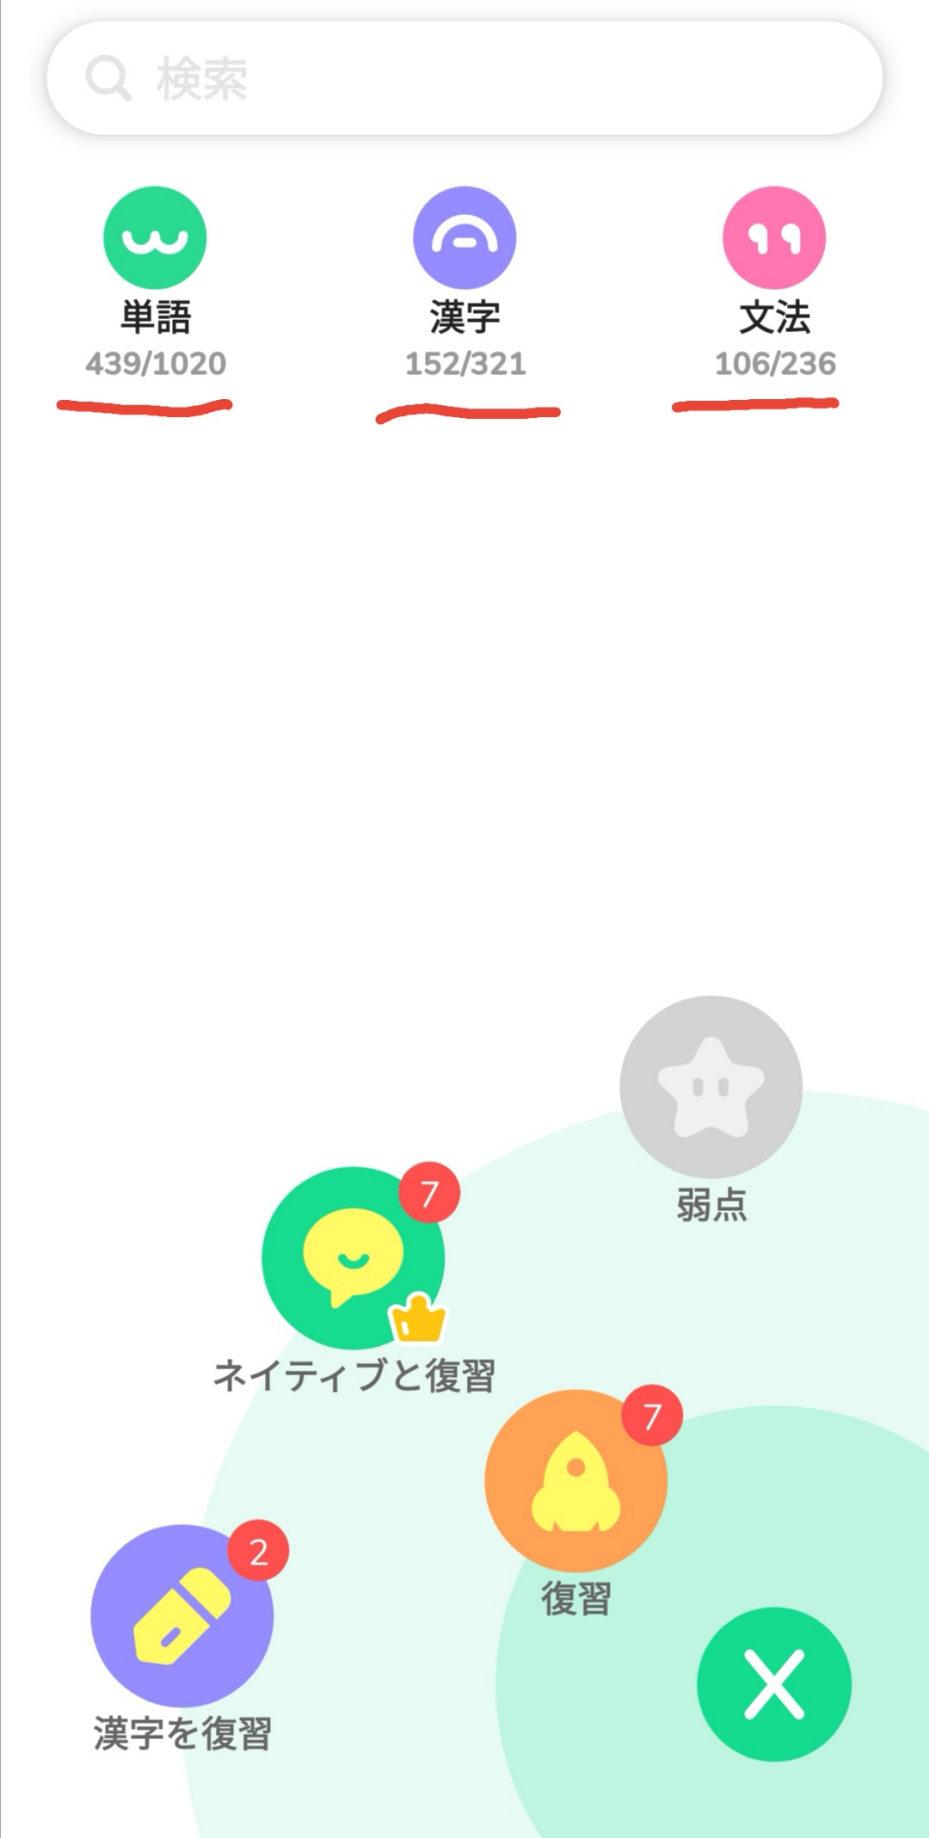 f:id:zhenshux:20200524195722j:plain